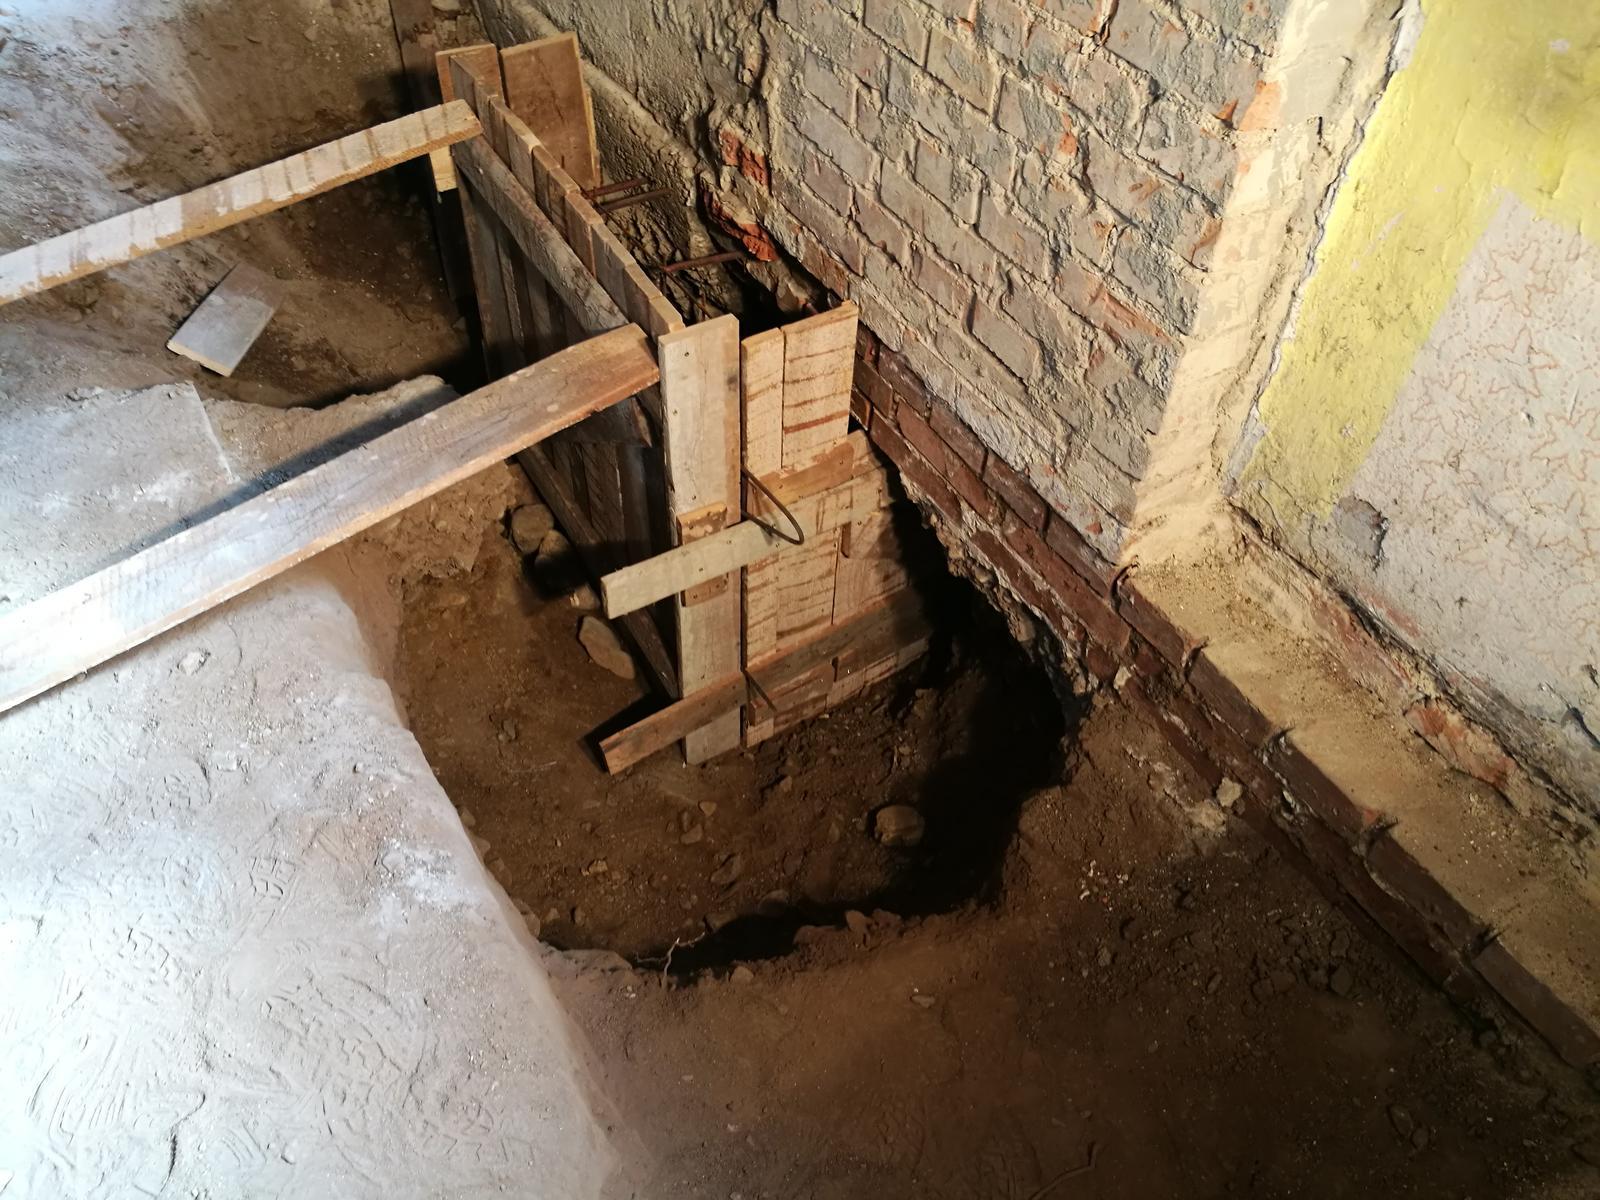 Náš budúci domov - rekonštrukcia rodinného domu - Bodbetonovávame základy, najskôr rohy, stred,... meter za metrom